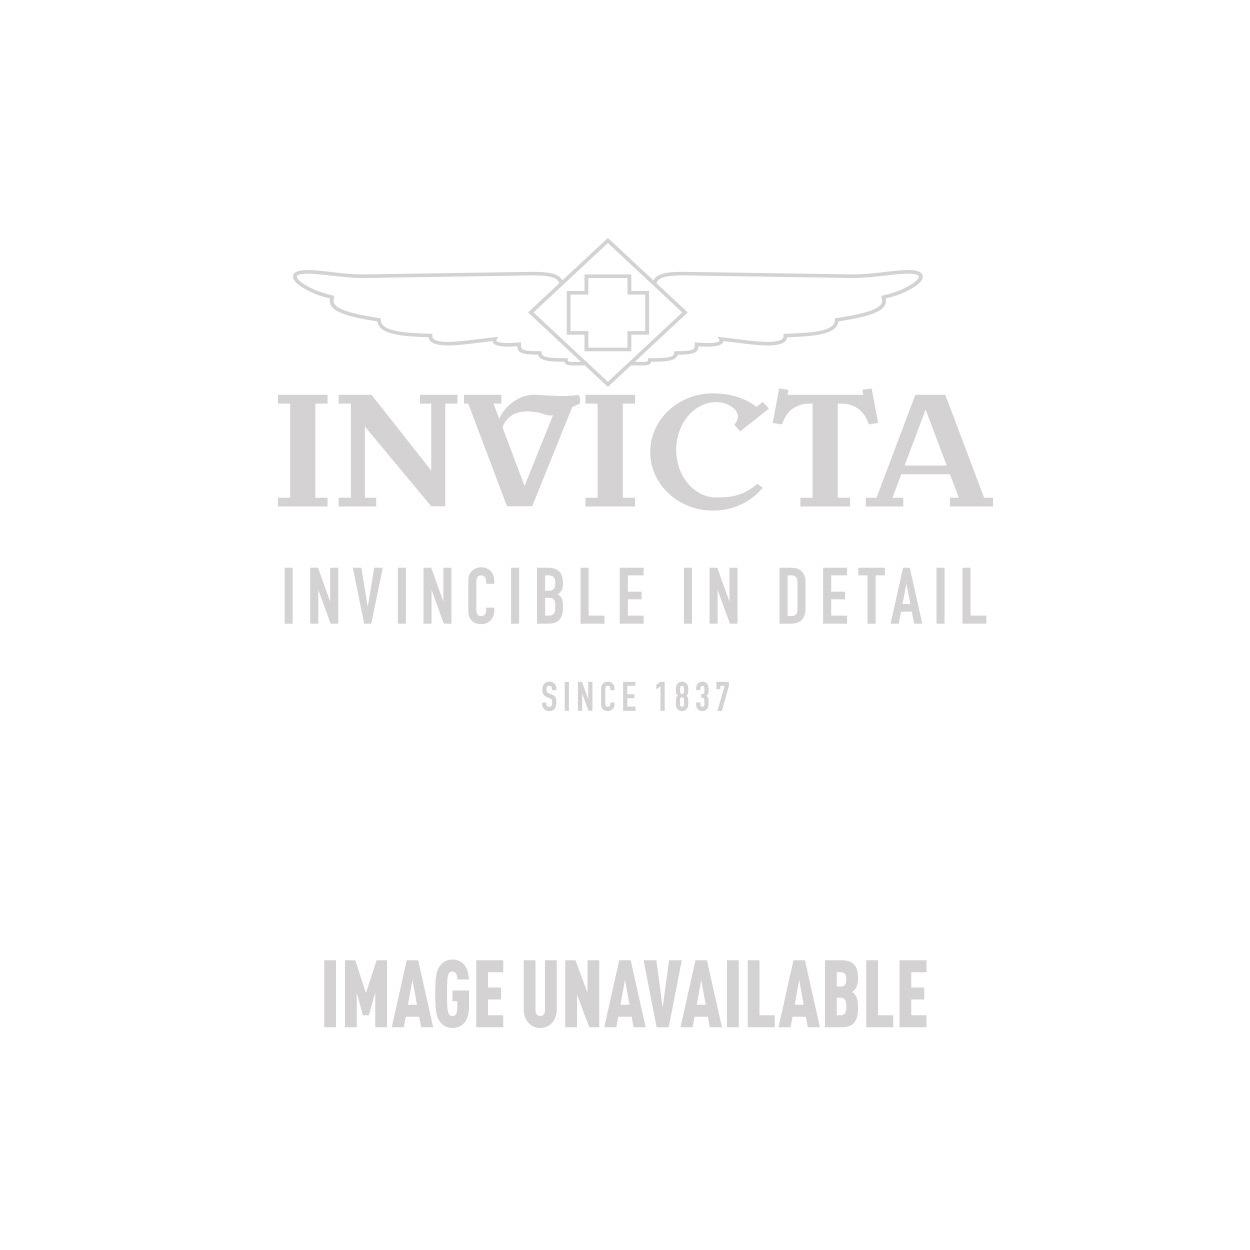 Invicta Model 28980